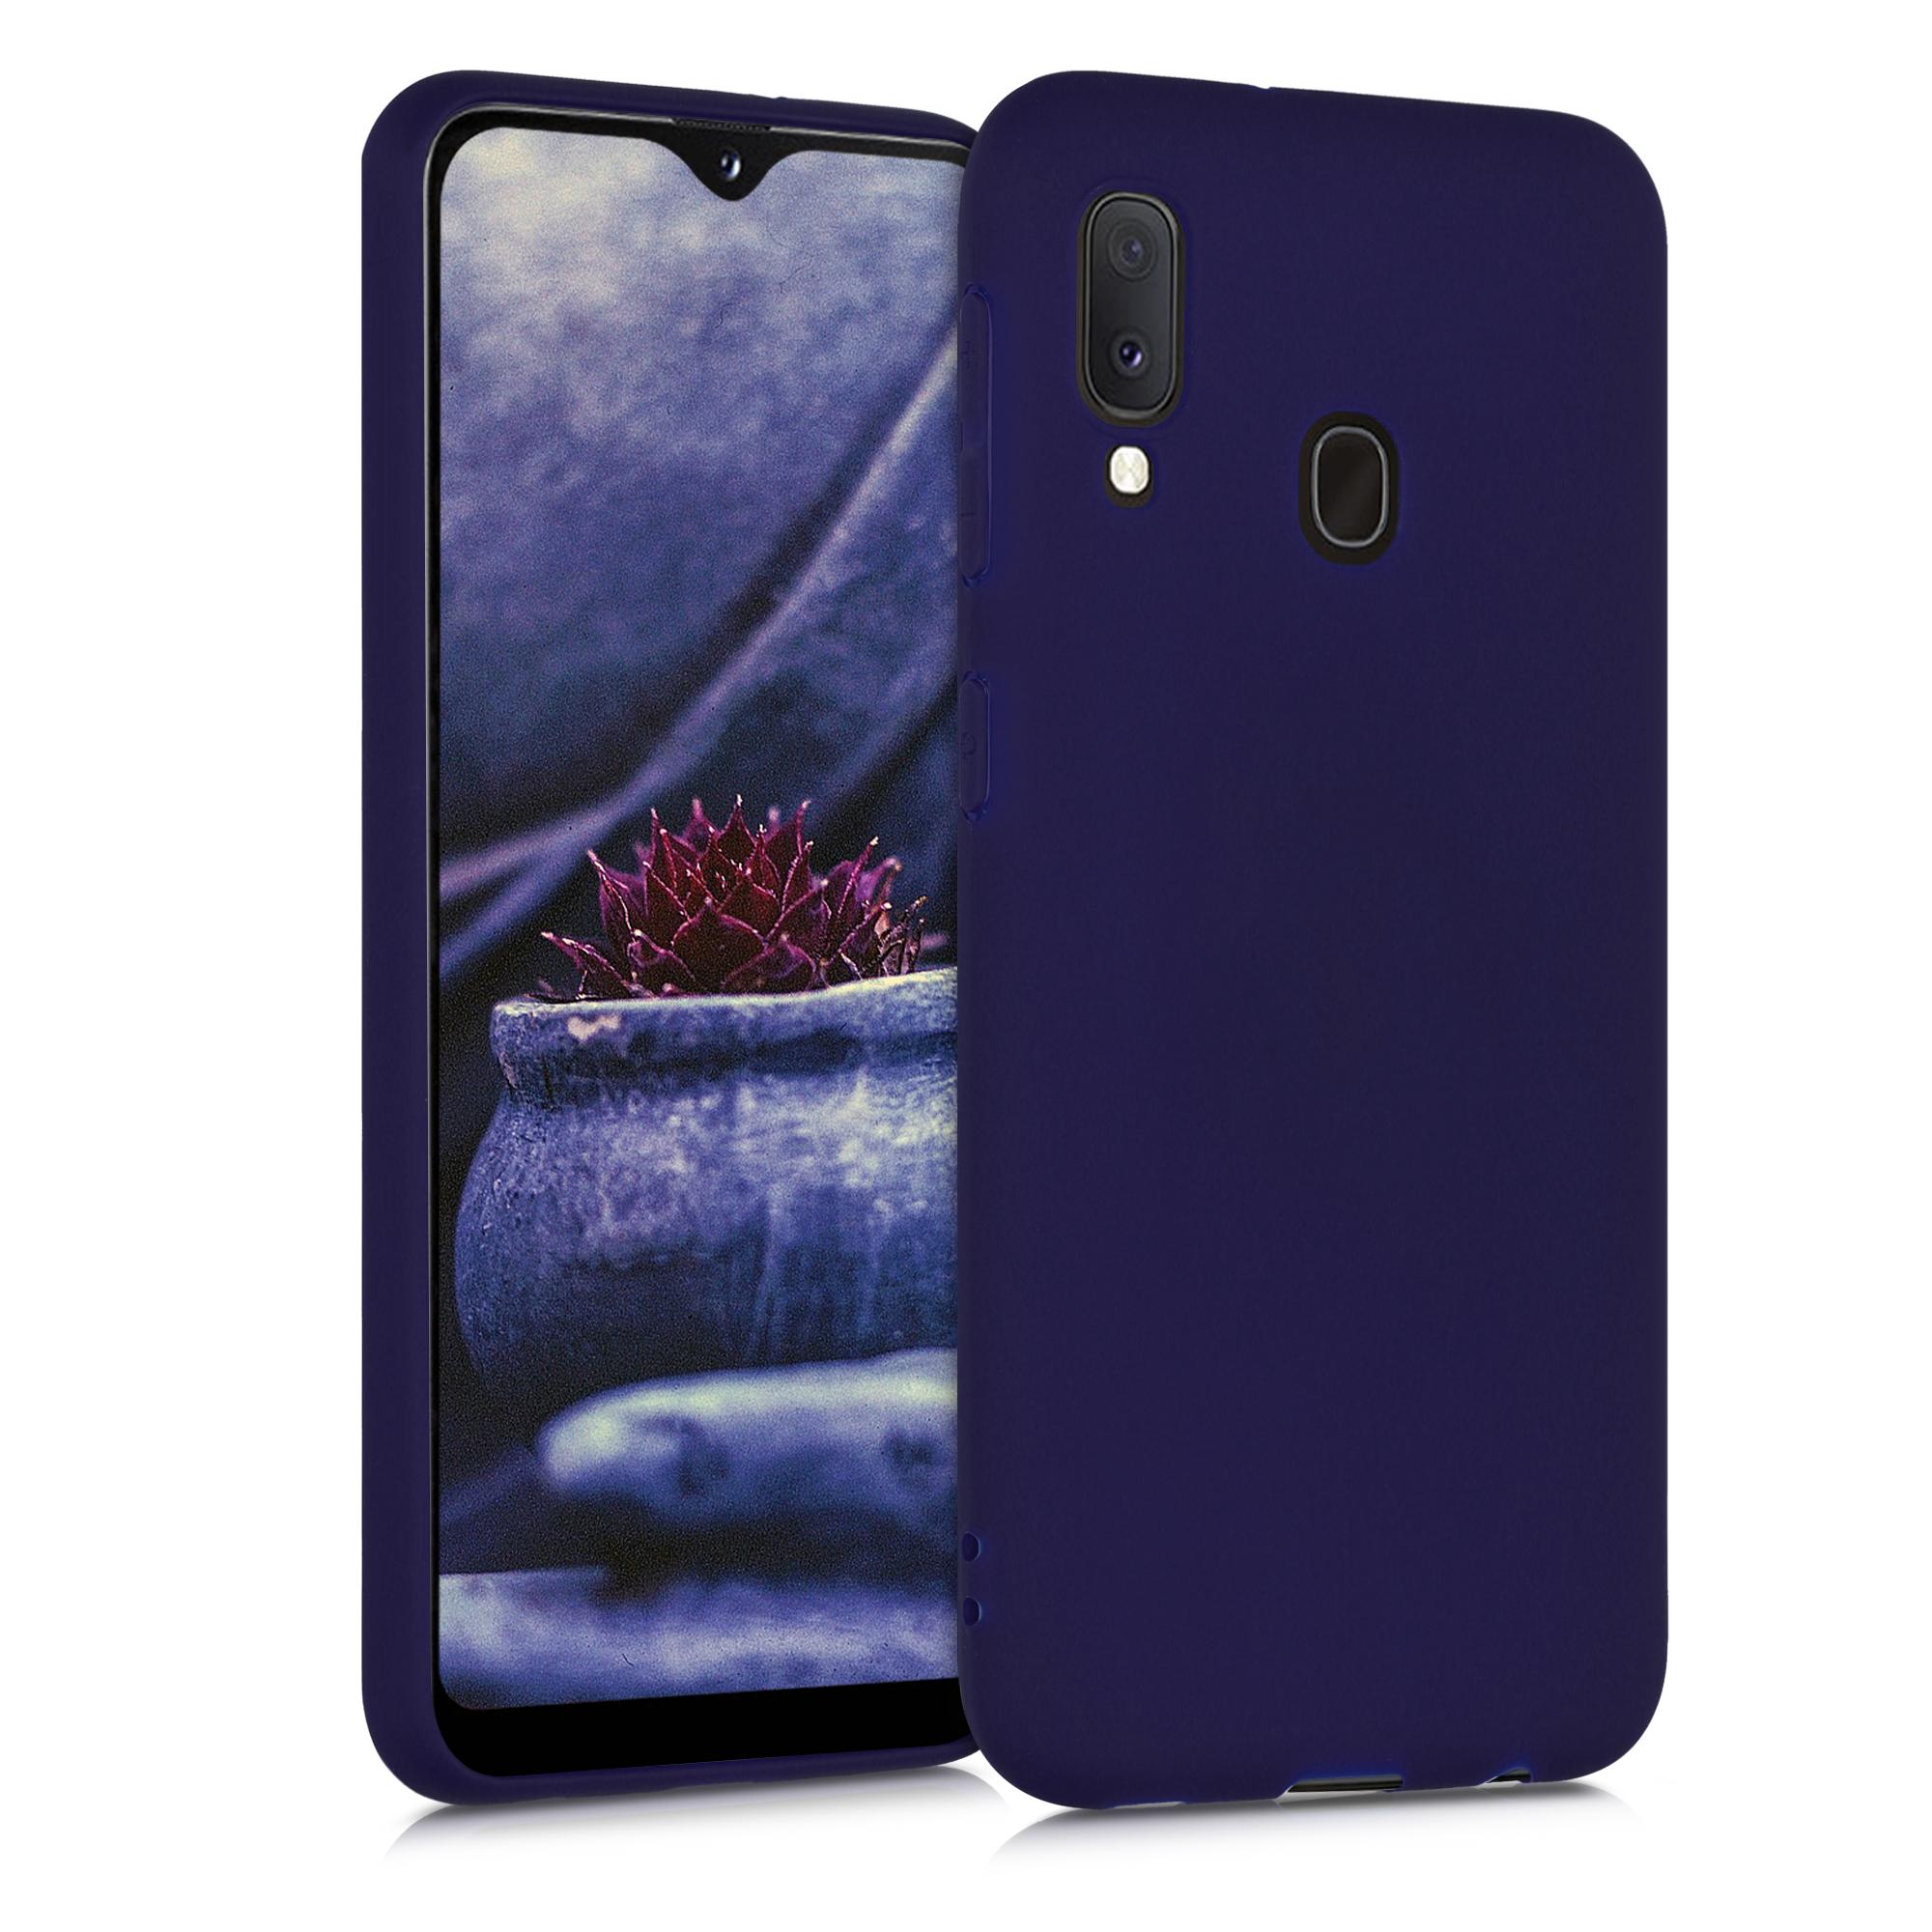 Kvalitní silikonové TPU pouzdro pro Samsung A20e - Hluboké modré moře